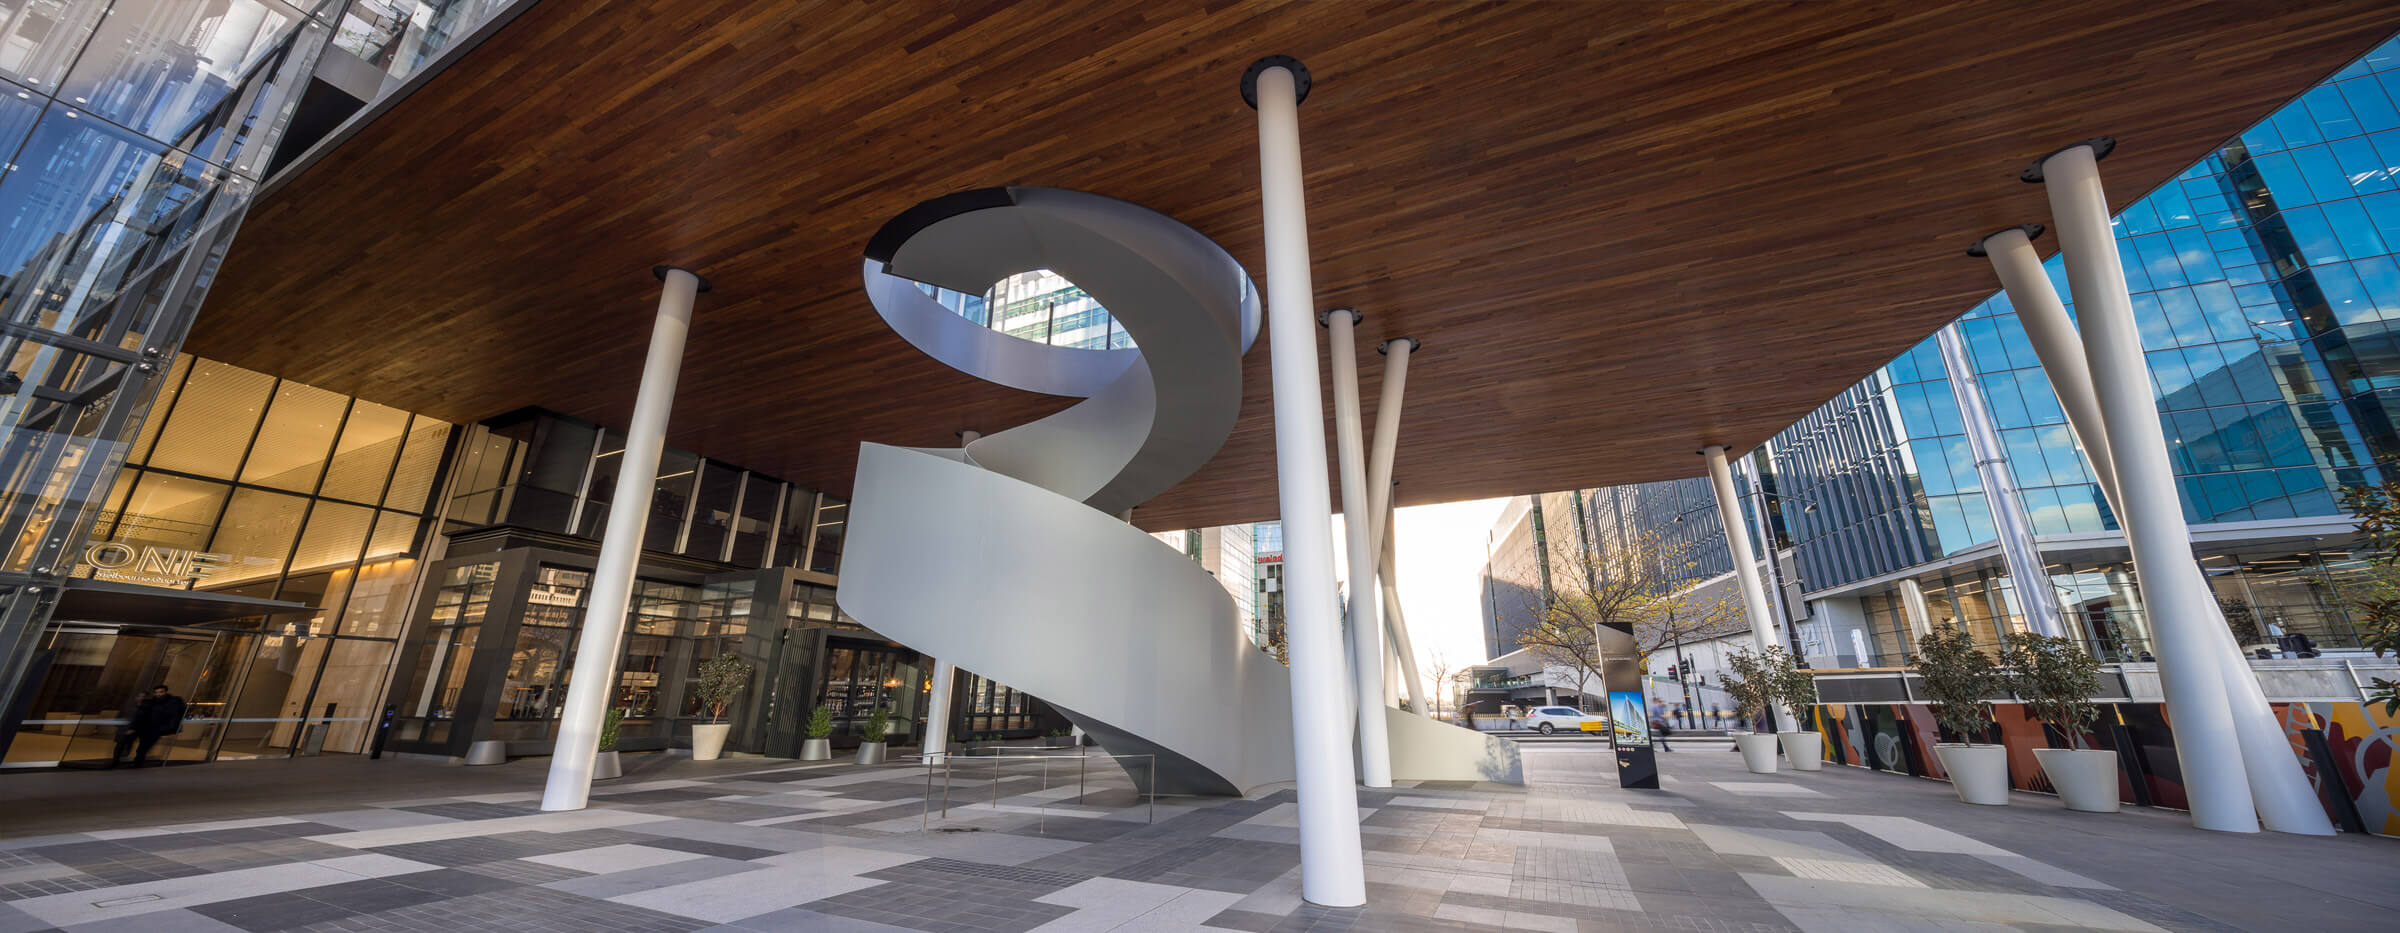 Sculptform Melbourne Quarter